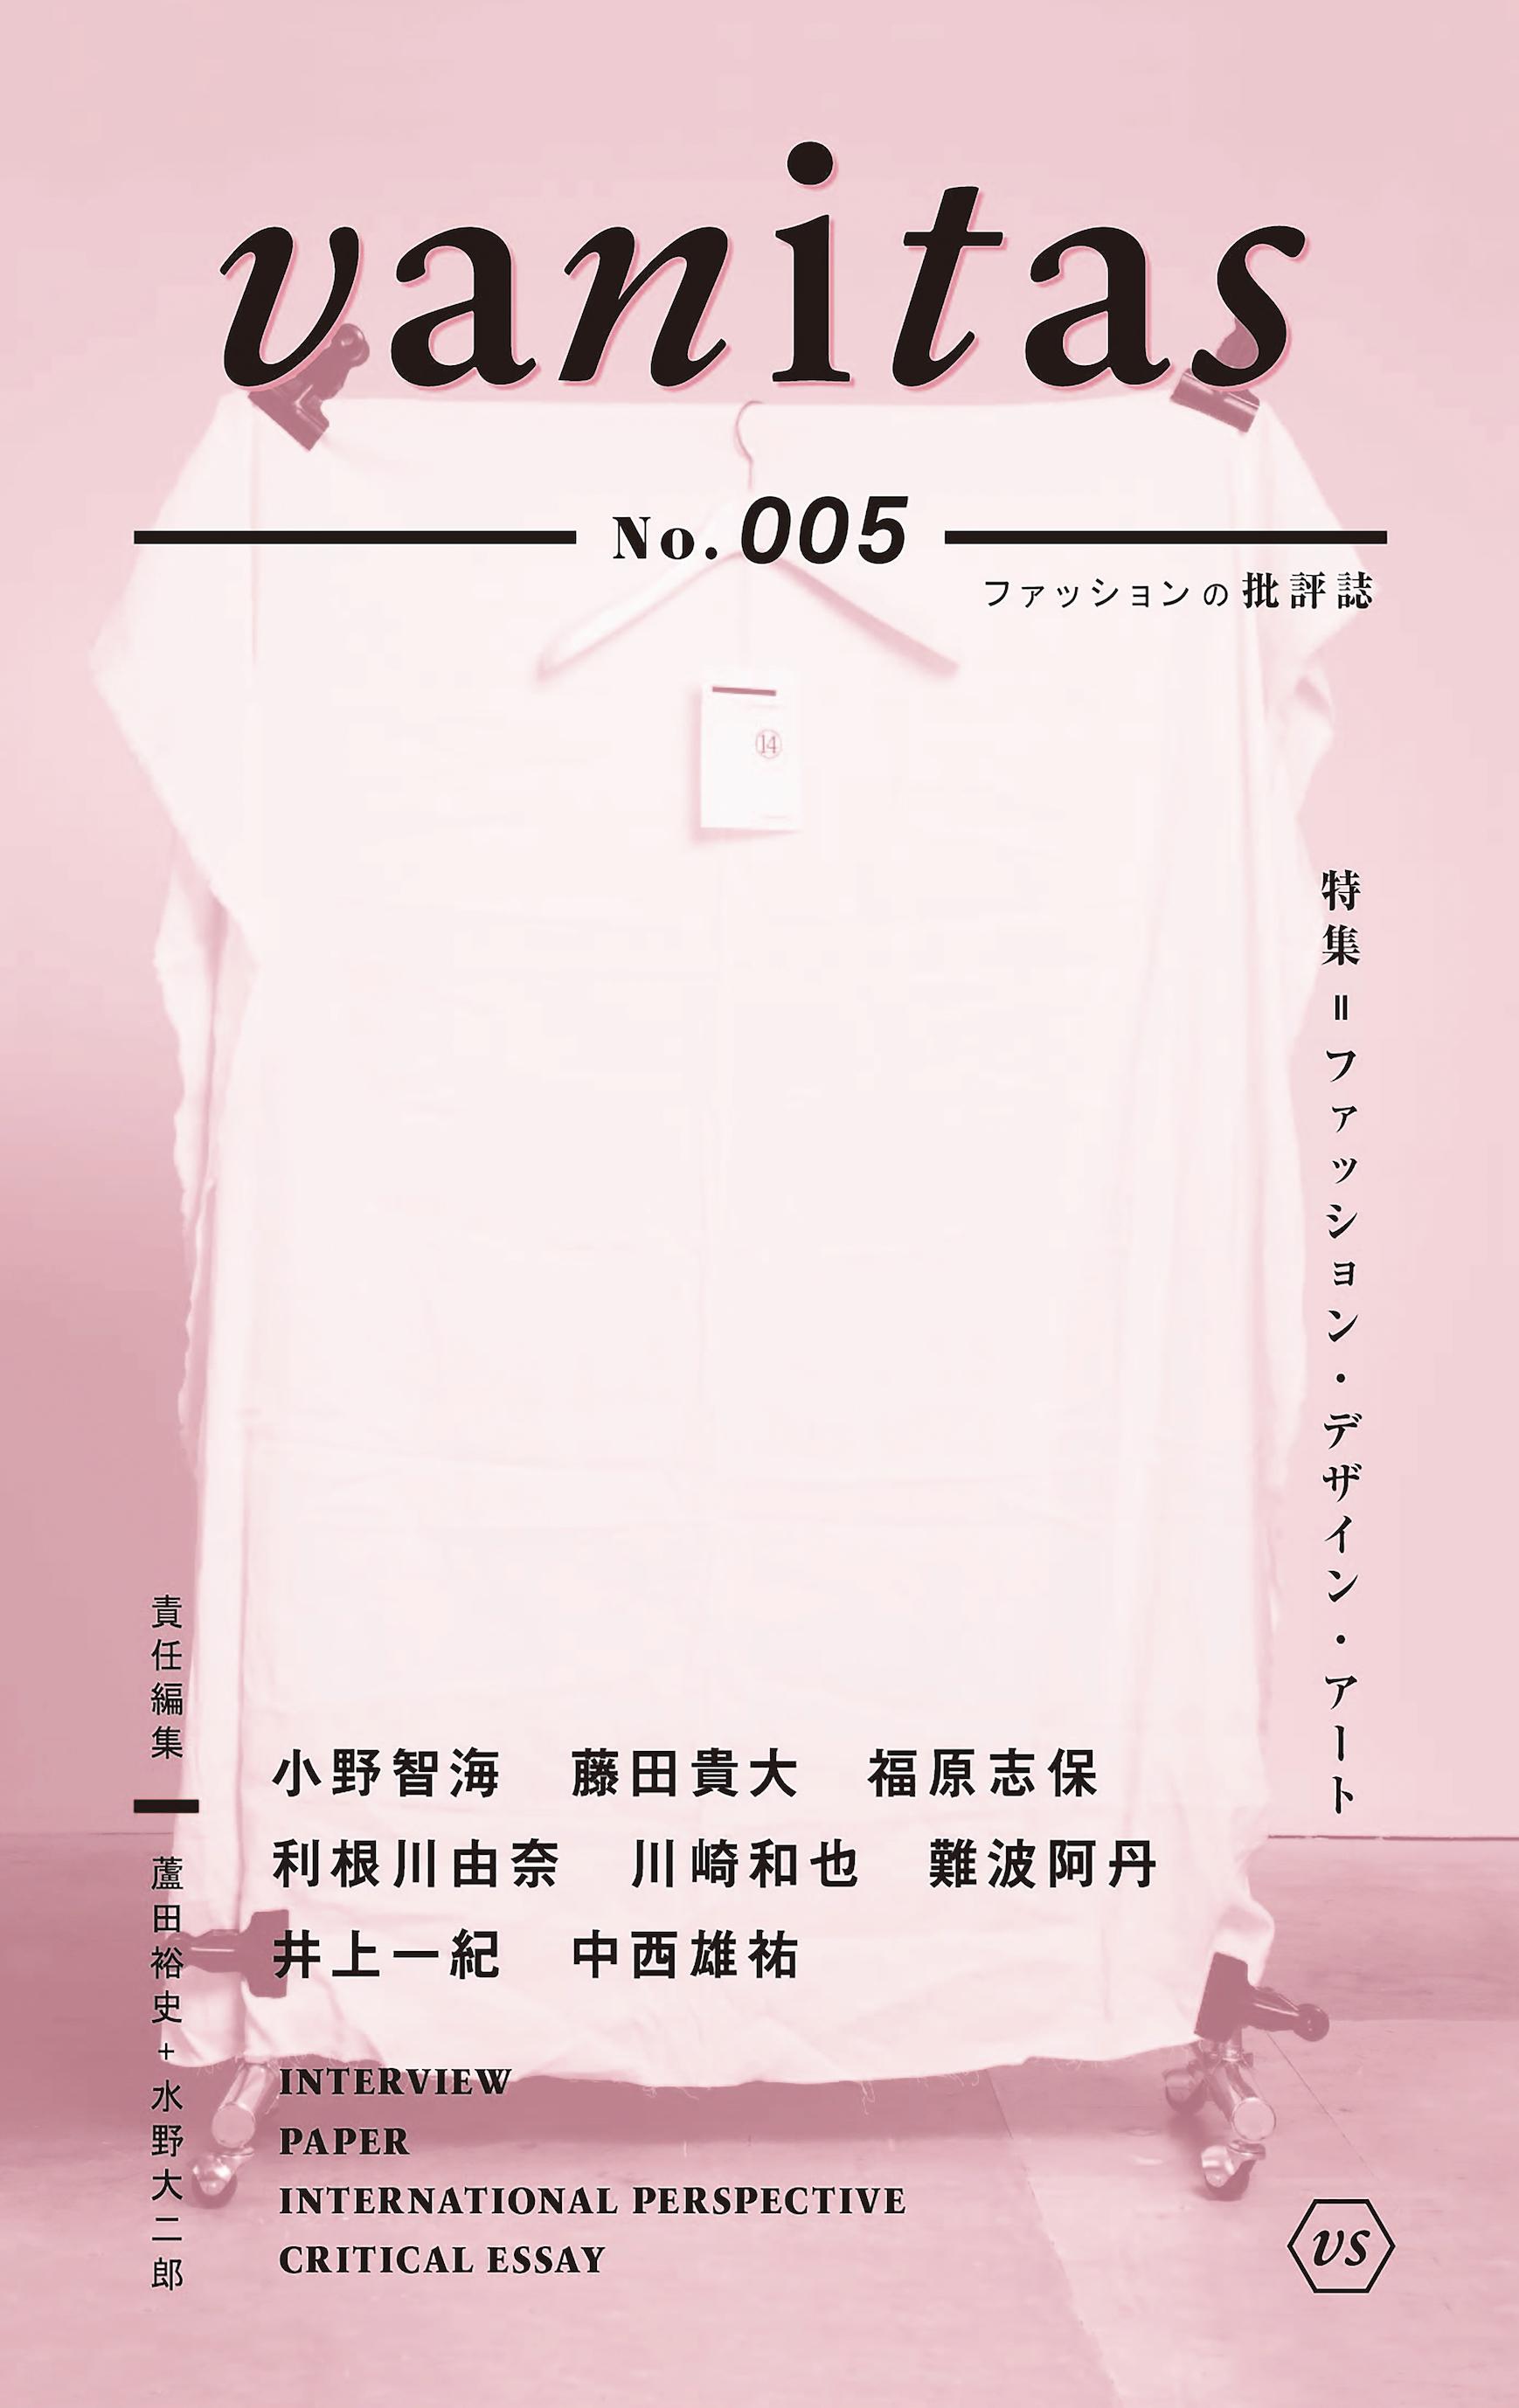 ファッションの批評誌『vanitas』No. 005